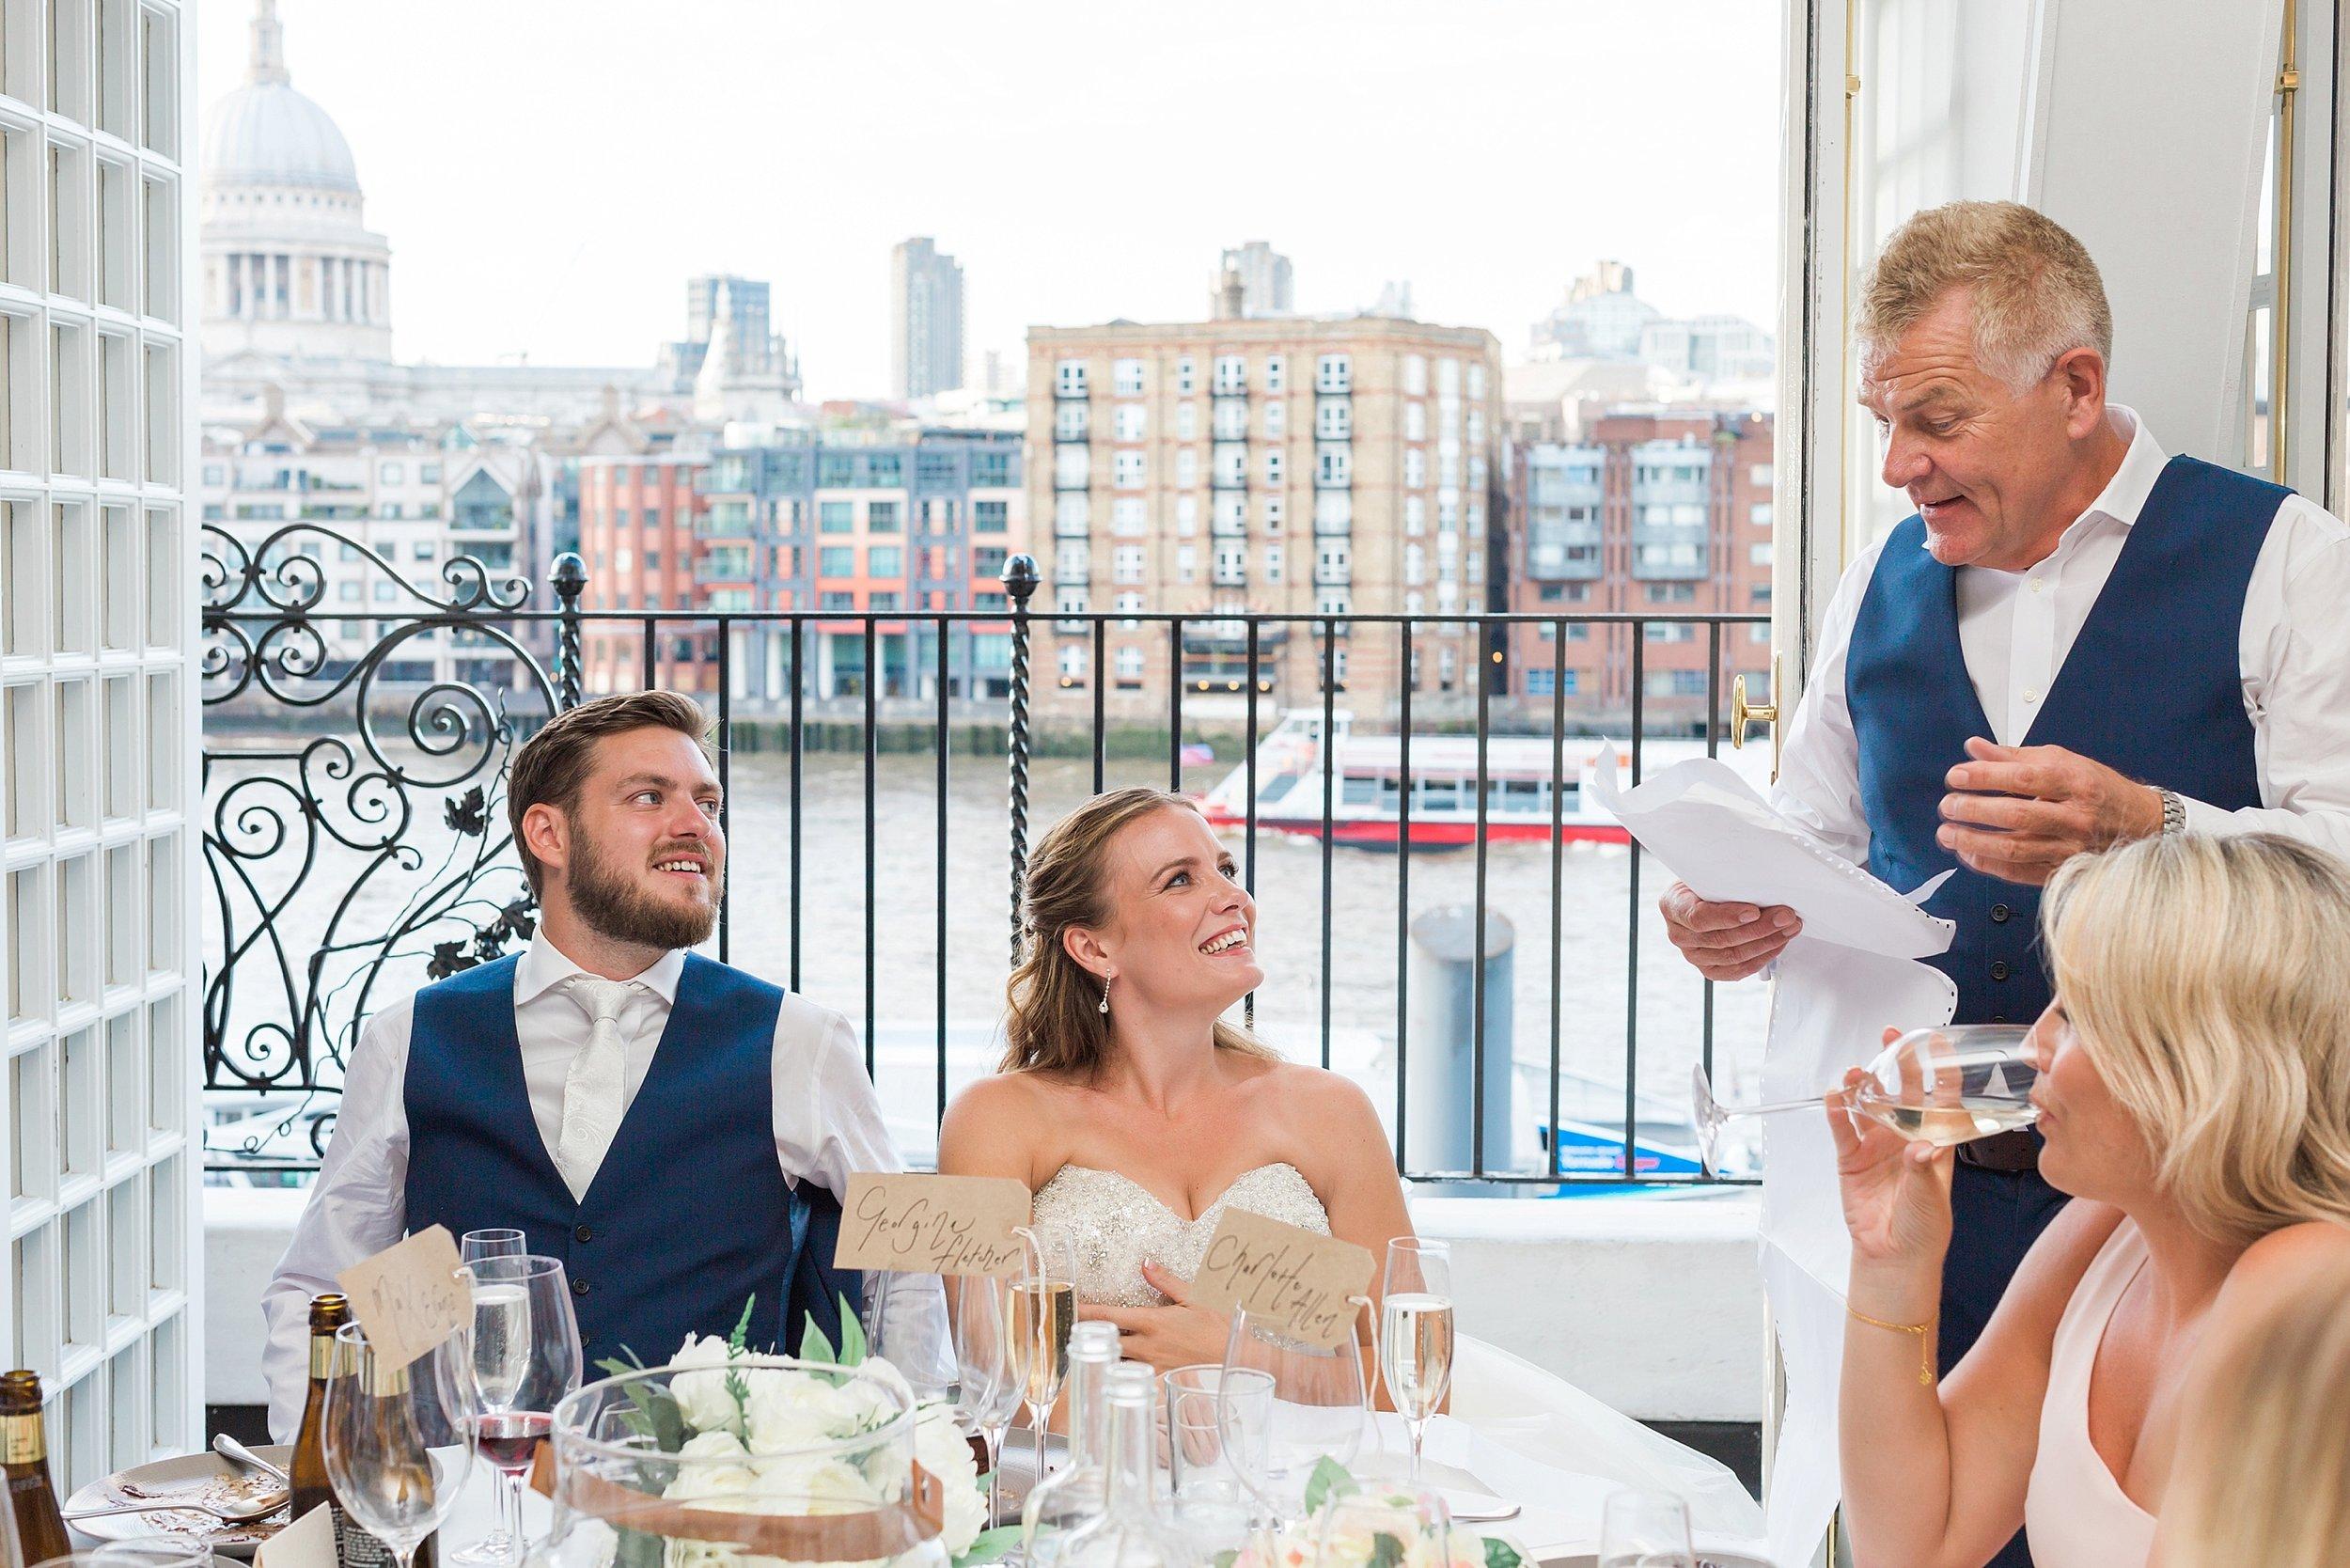 wedding-day-speeches.jpg